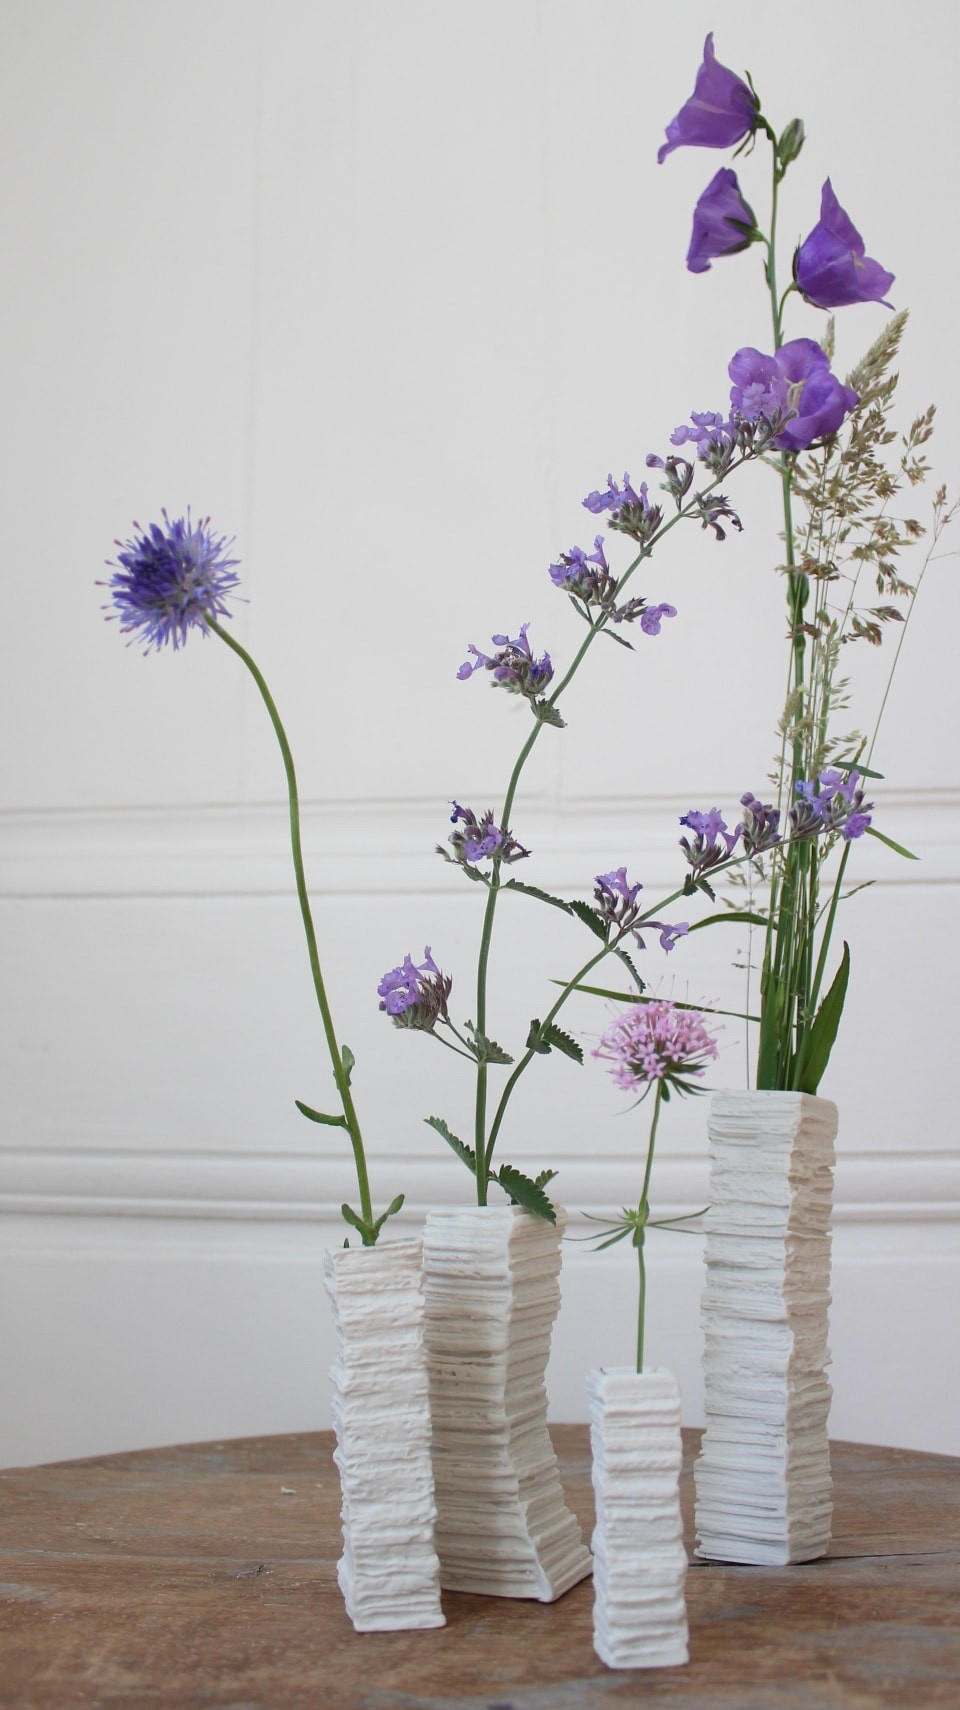 FlowerTower_Unterseite_Fotos_01.jpg